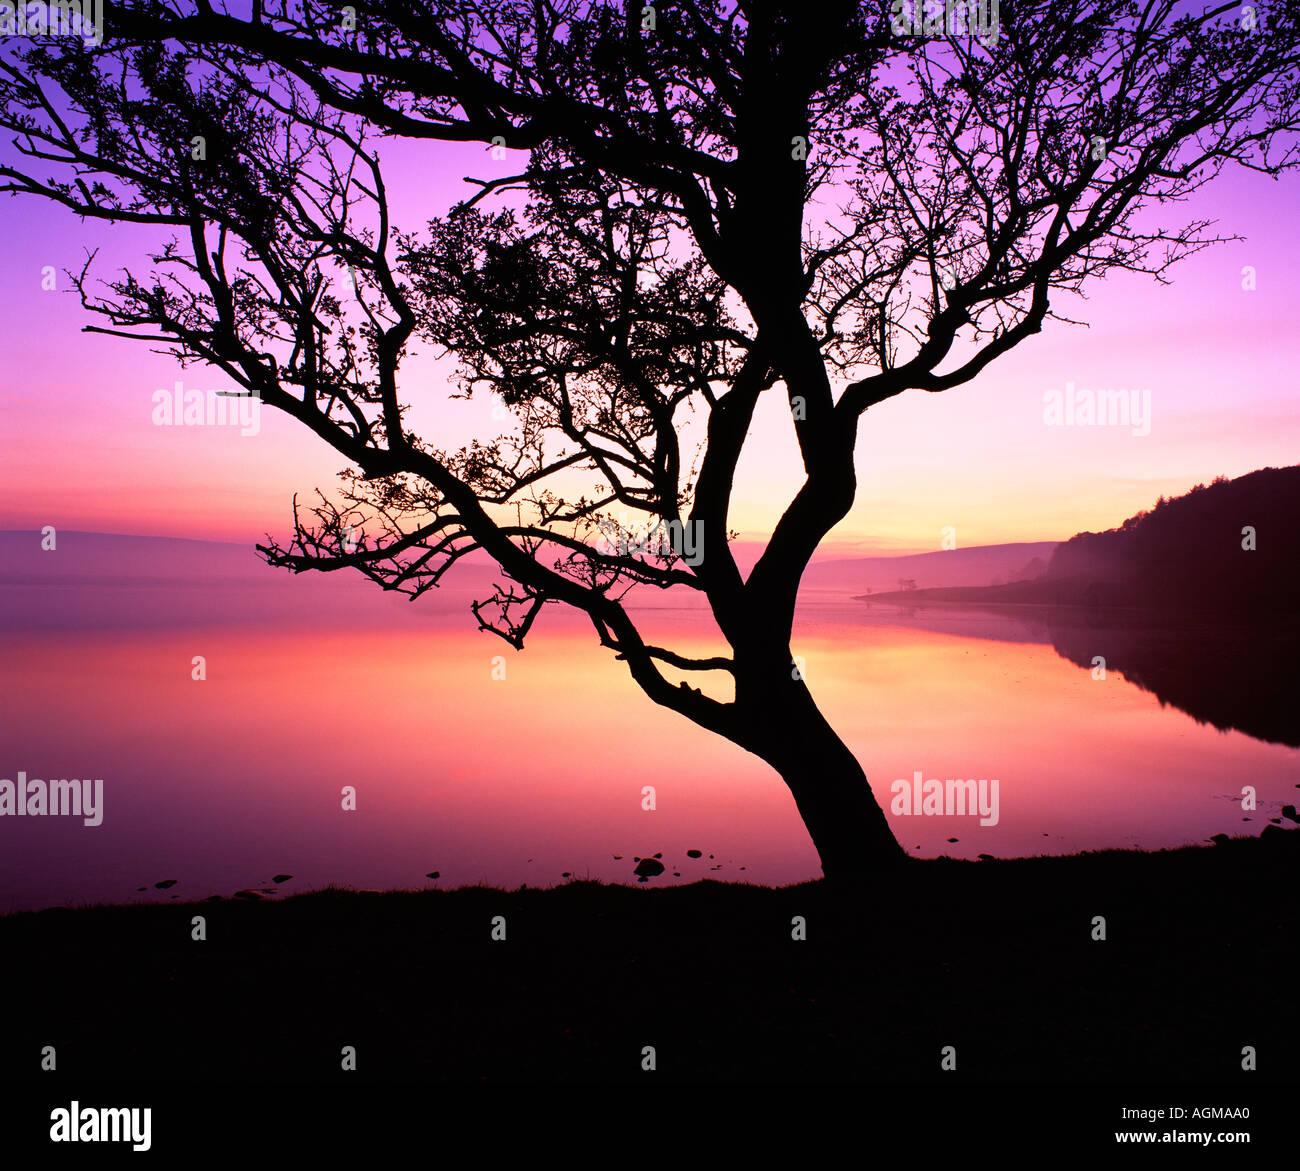 Arbre et twilight à Malham Tarn, dans le Parc National des Yorkshire Dales. Photo Stock